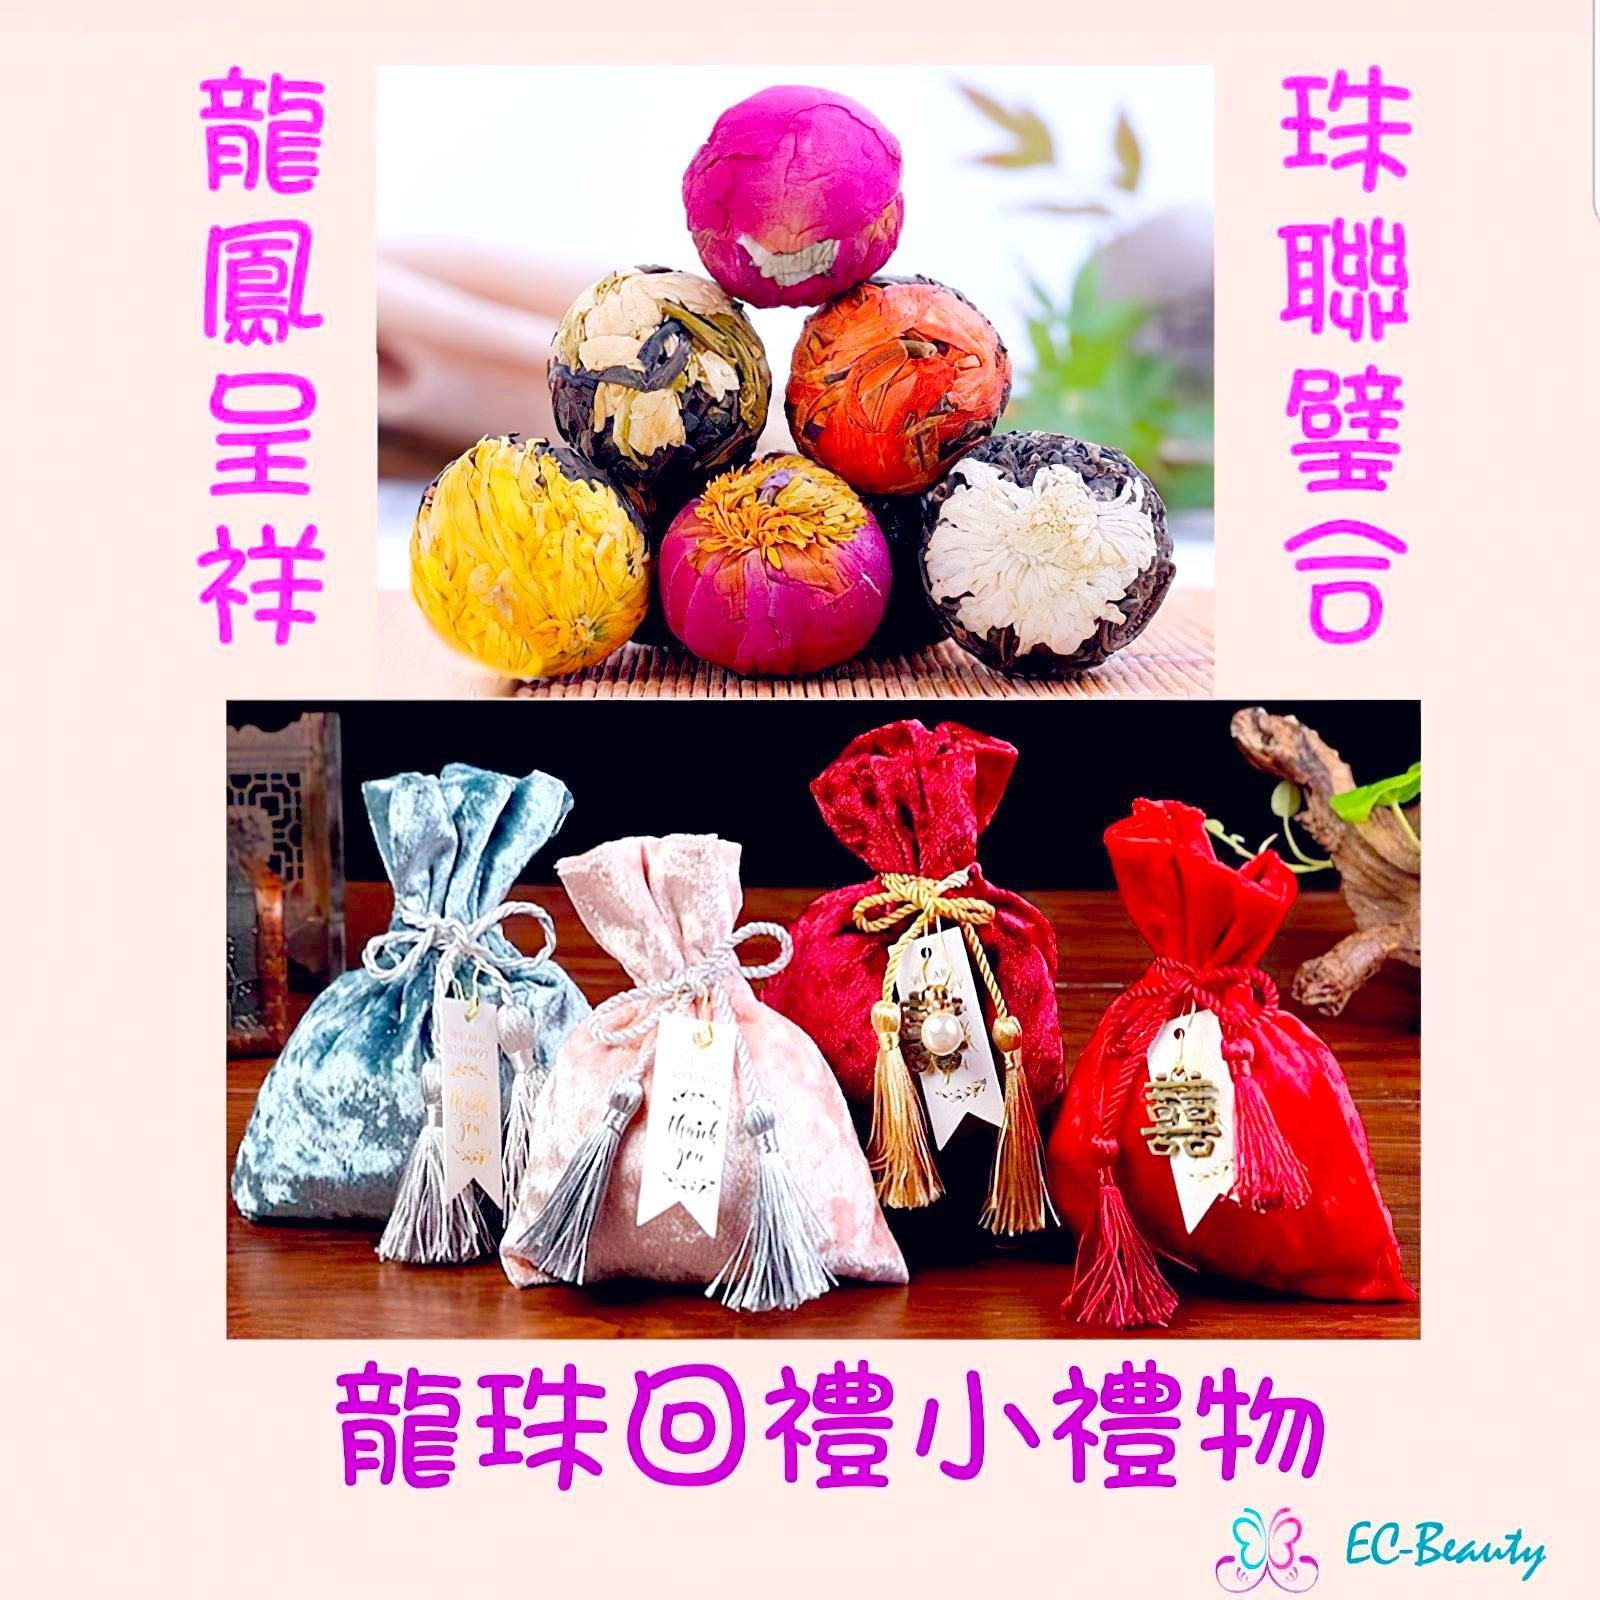 結婚回禮【龍鳳呈祥,珠聯璧合】龍珠茶